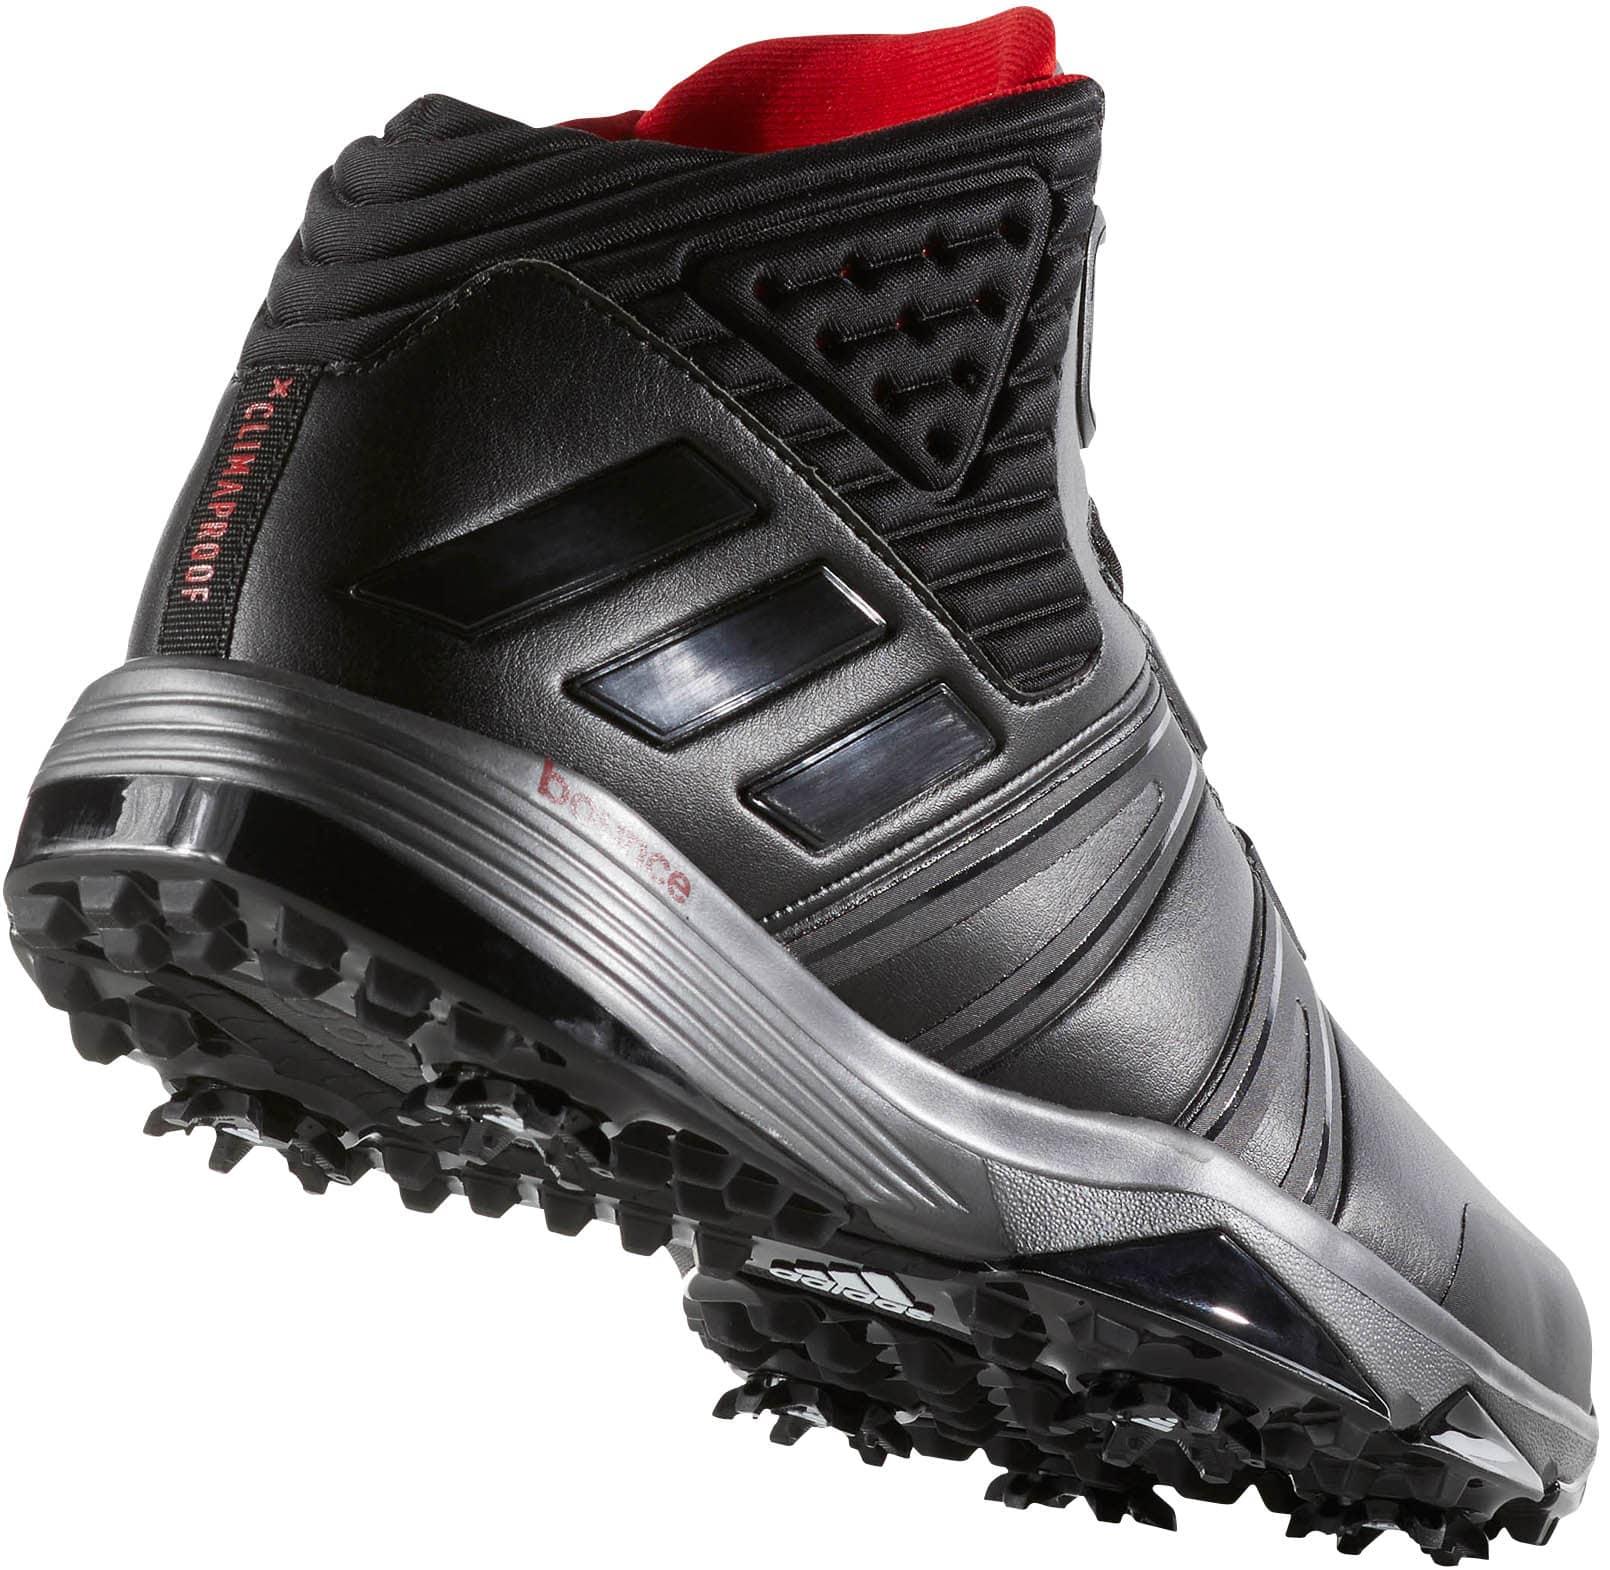 Adidas climaproof BOA Winterstiefel, black/black/scarlet